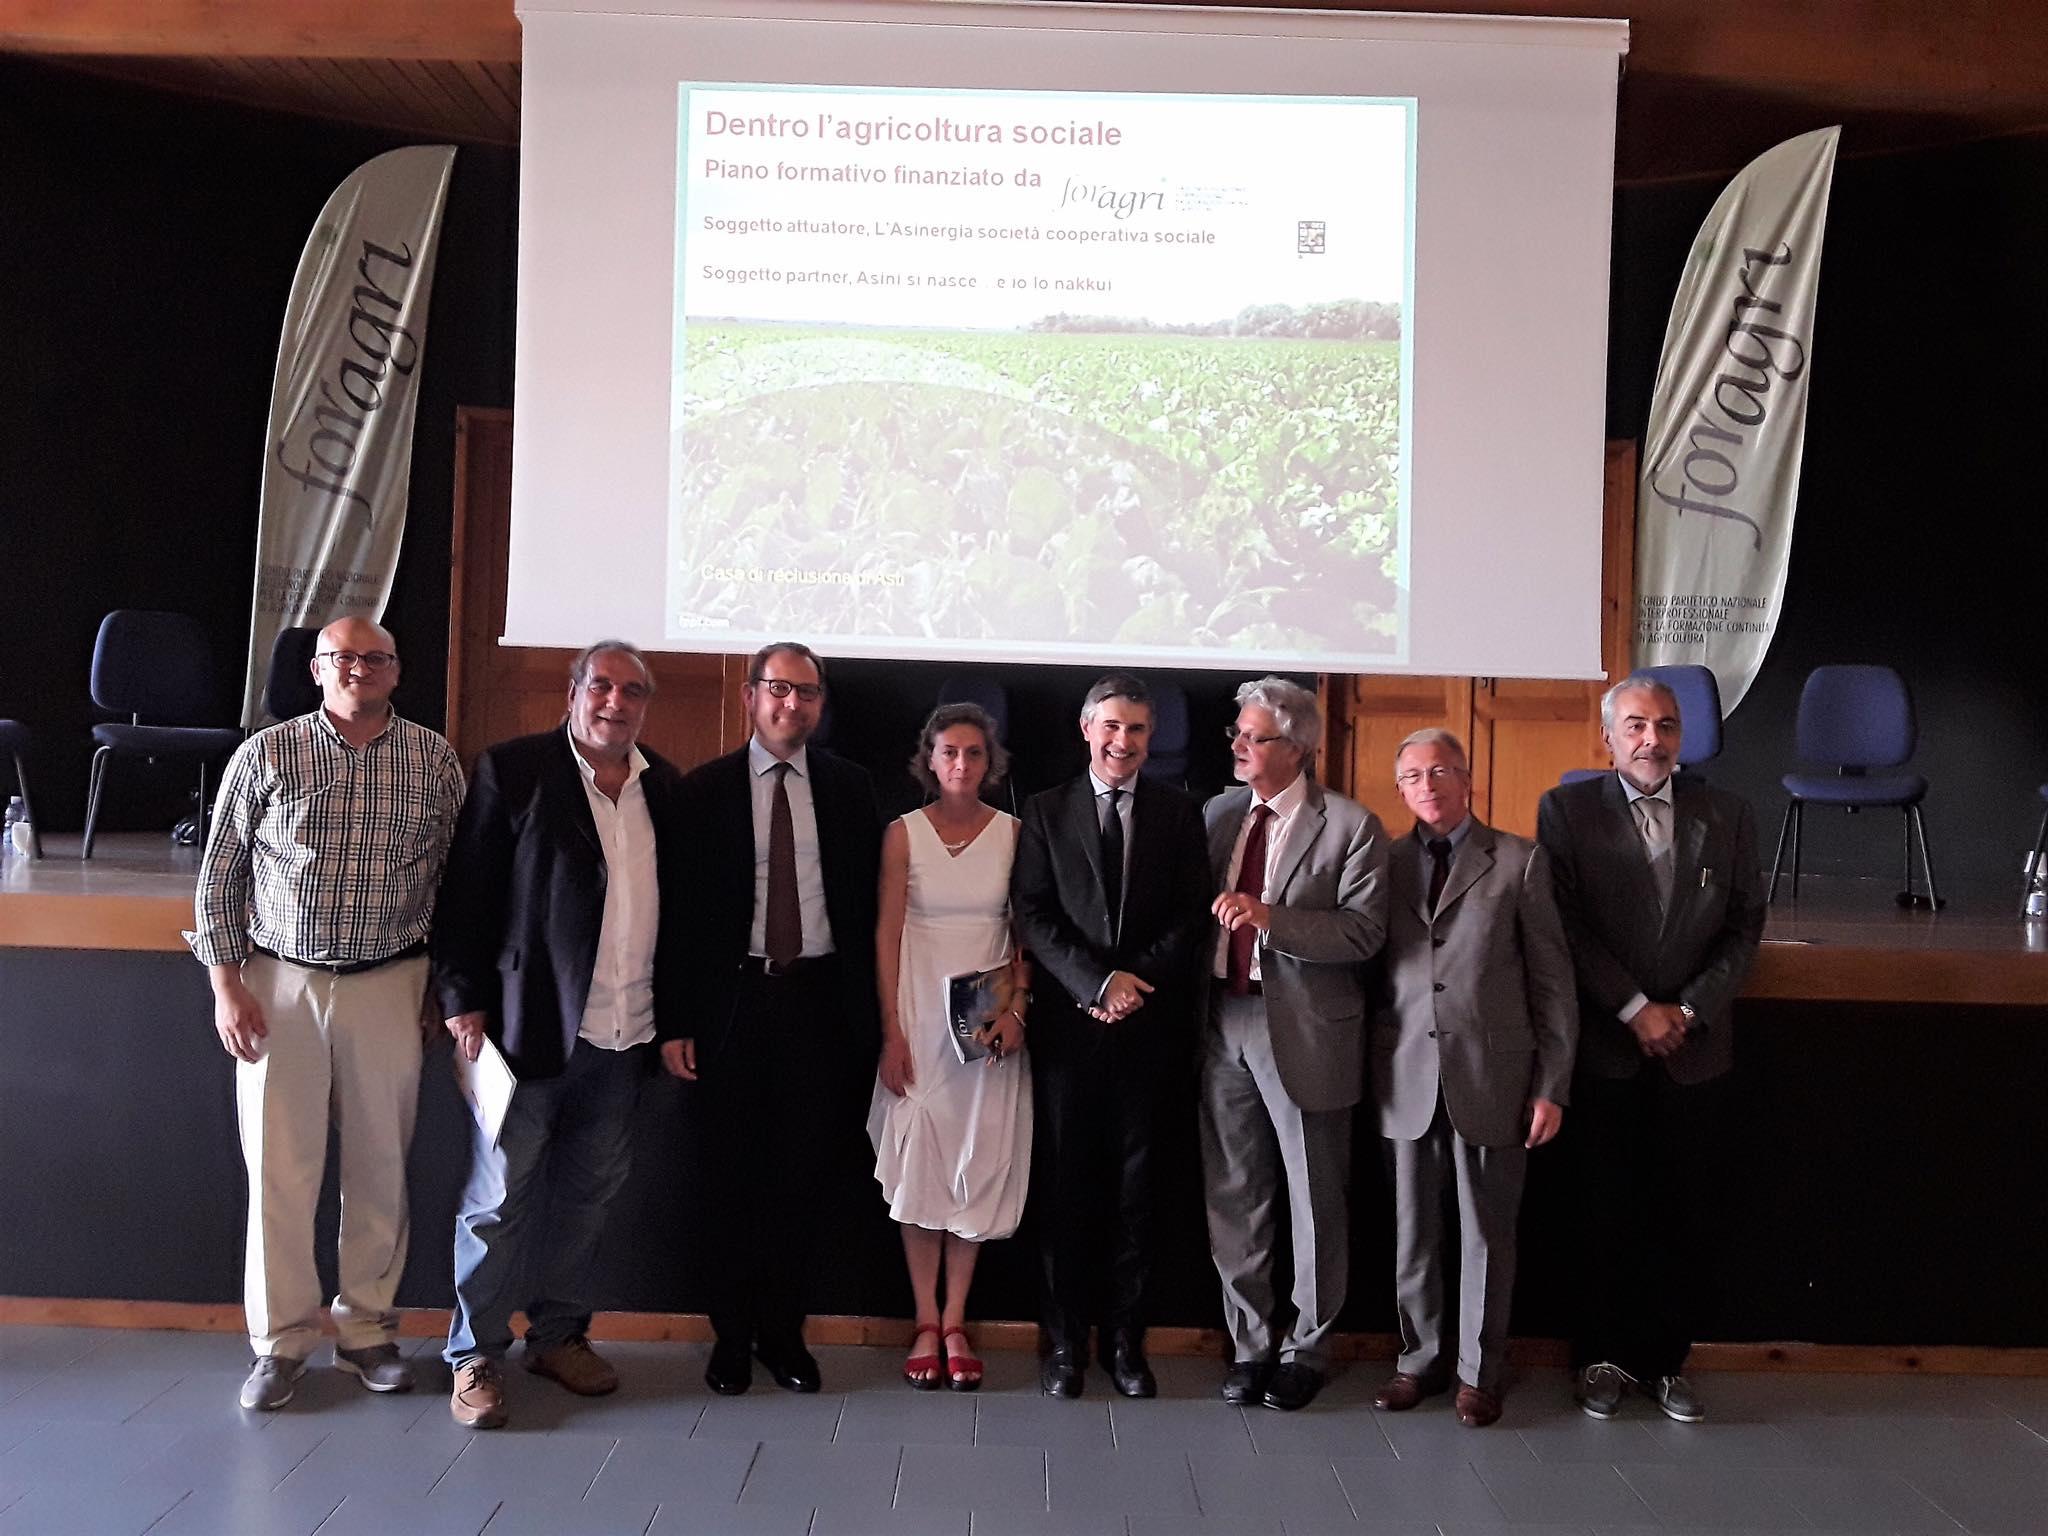 Nella casa circondariale di Asti, il convegno di ForAgri sulle opportunità offerte dall'agricoltura sociale anche ai detenuti